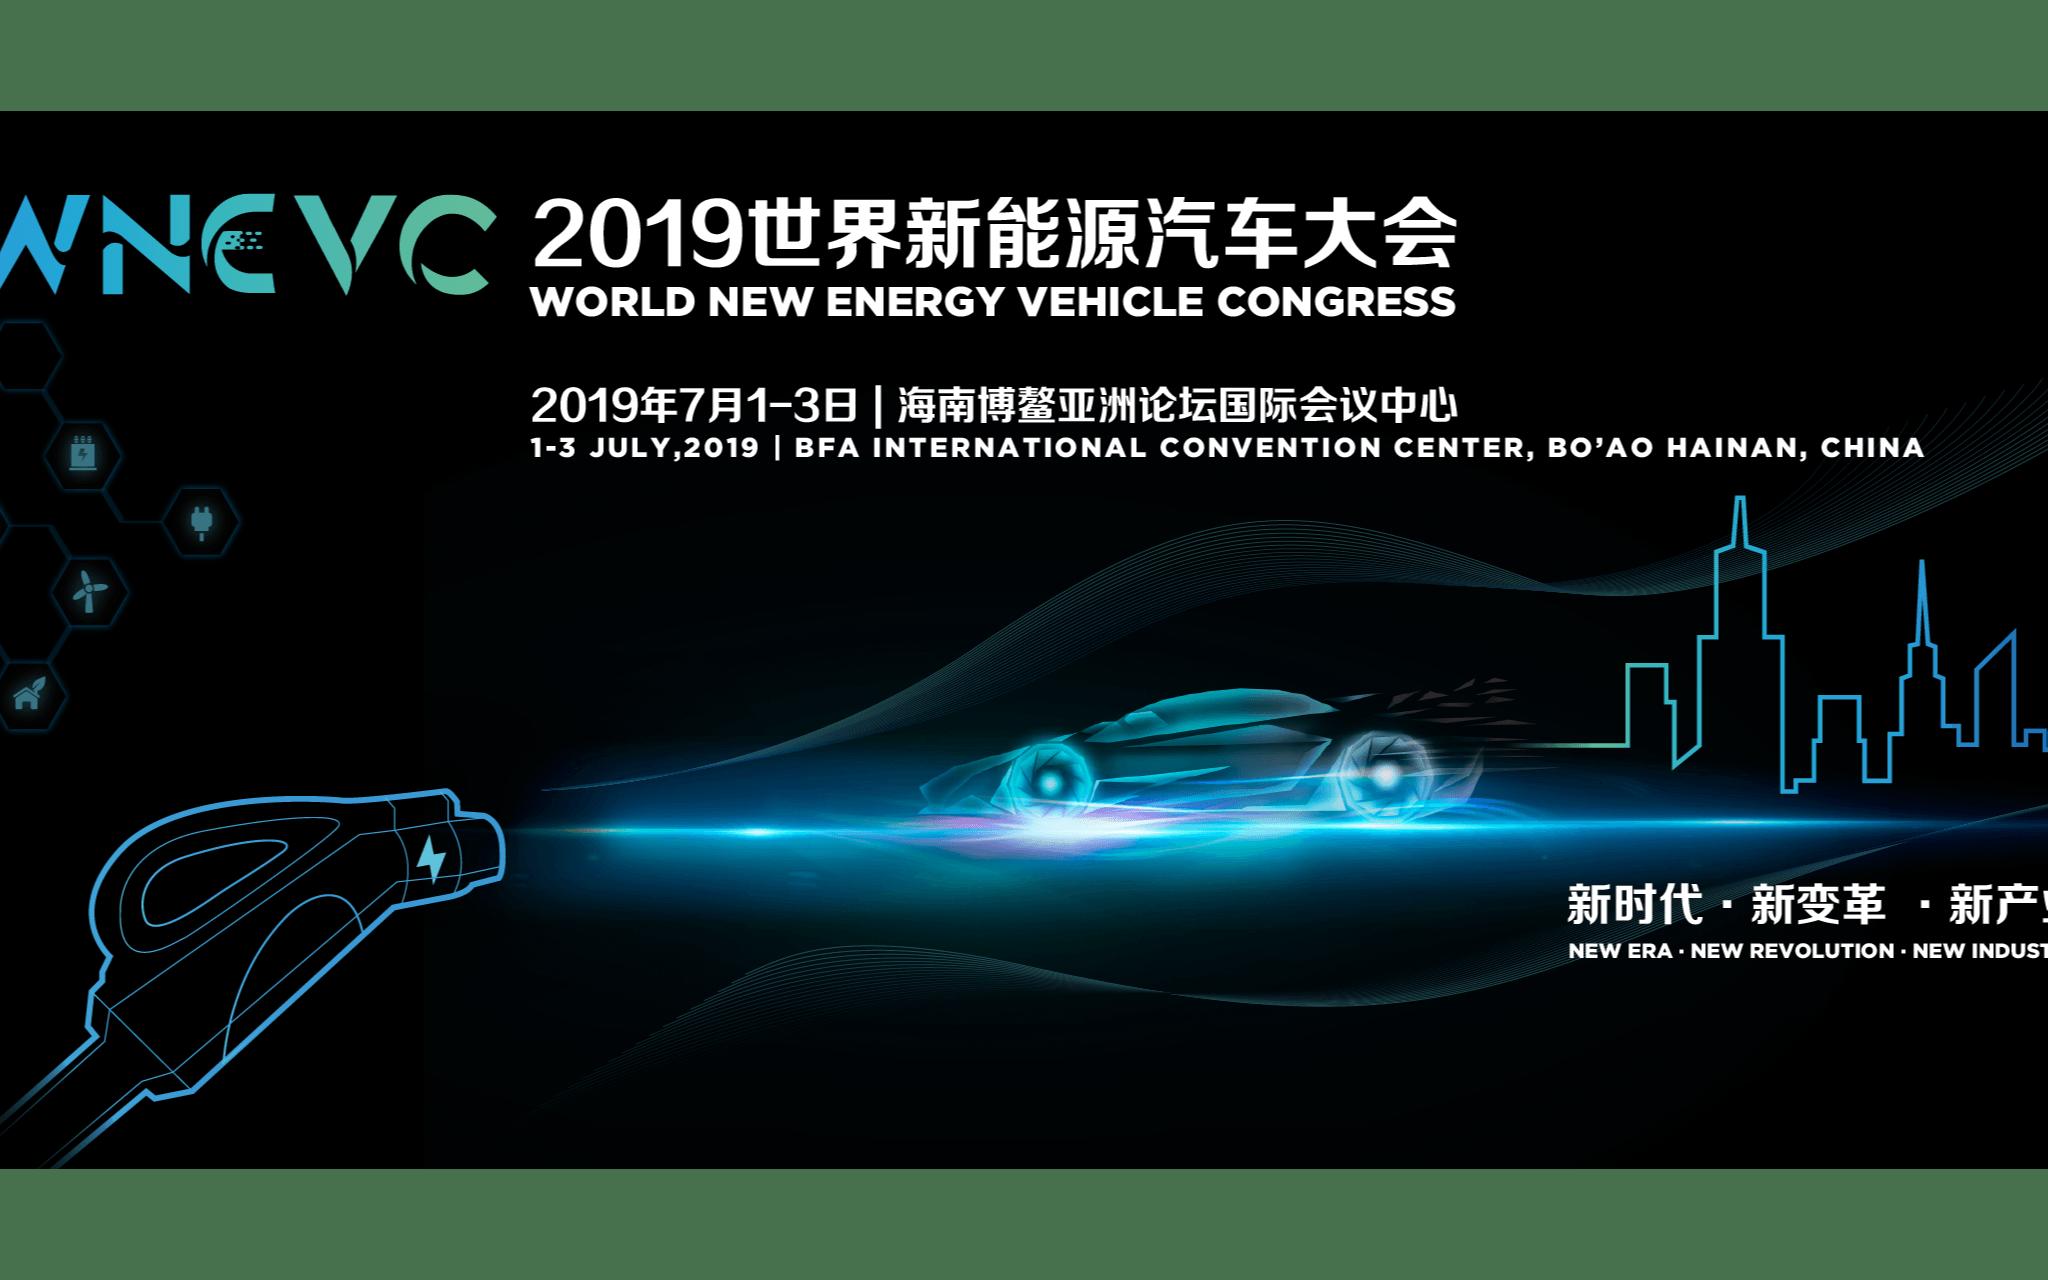 WNEVC2019世界新能源汽车大会(琼海)